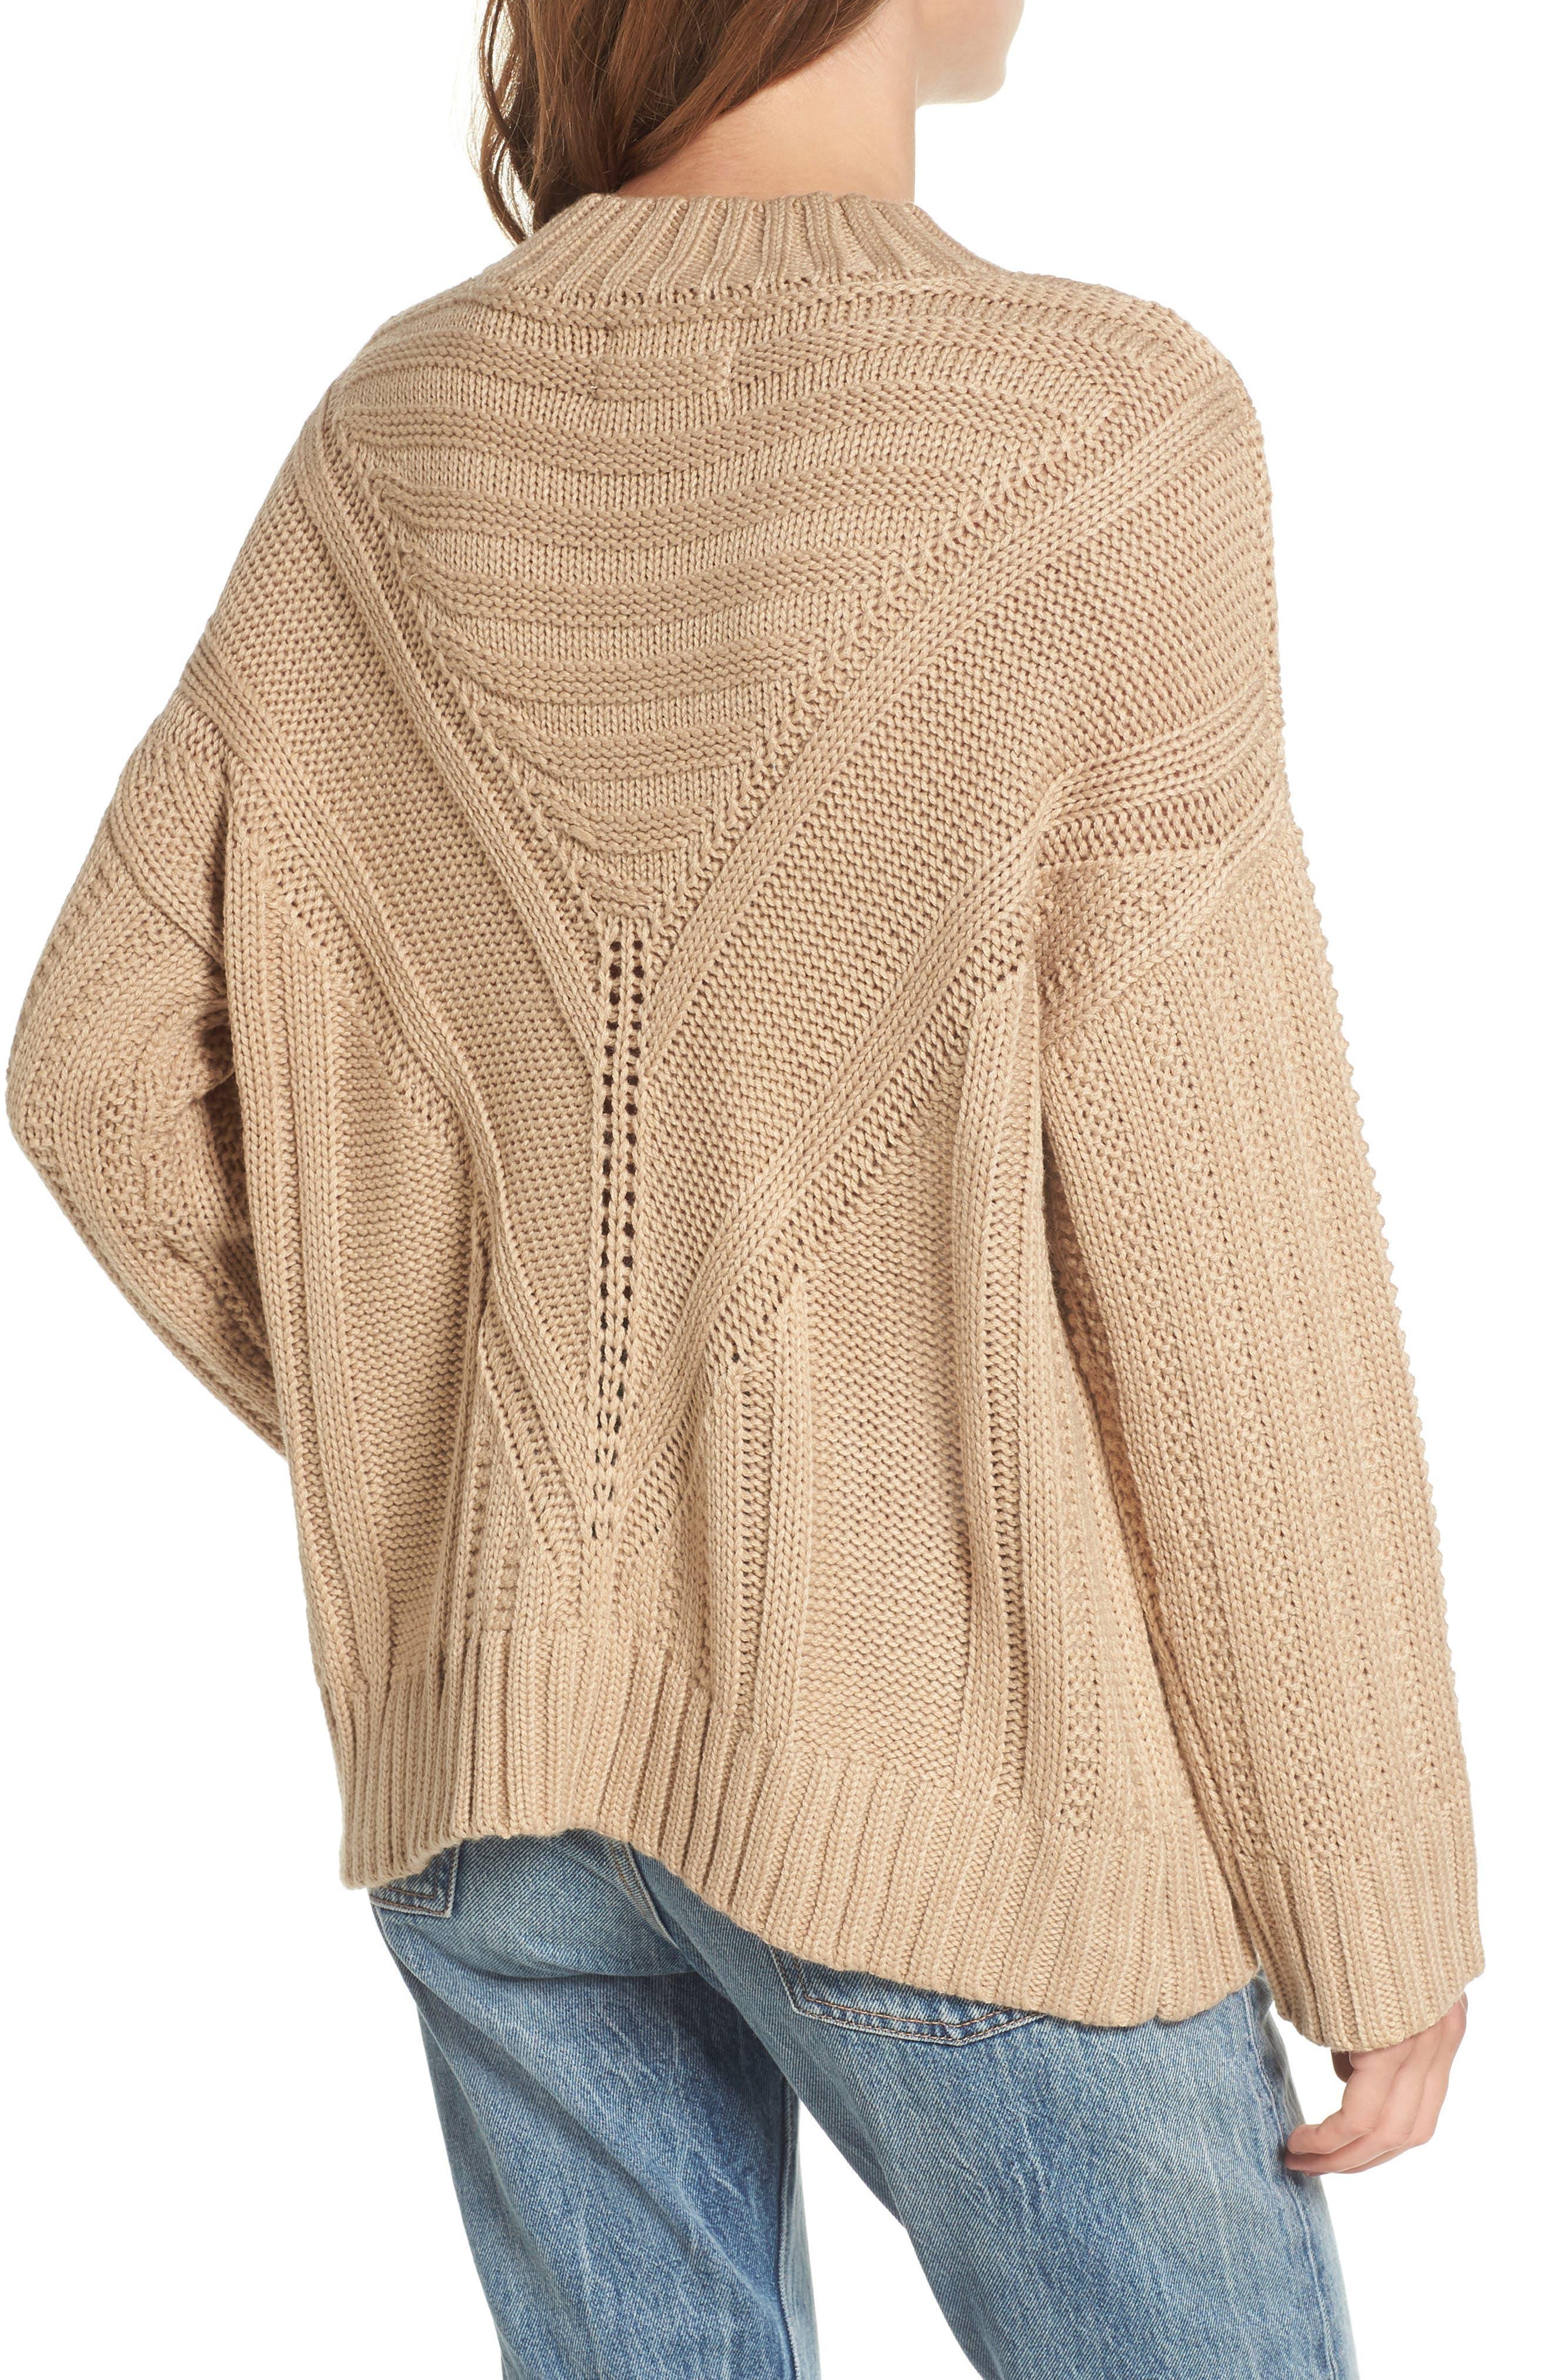 Alternate Image 3  - Moon River Oversize Drop Shoulder Sweater